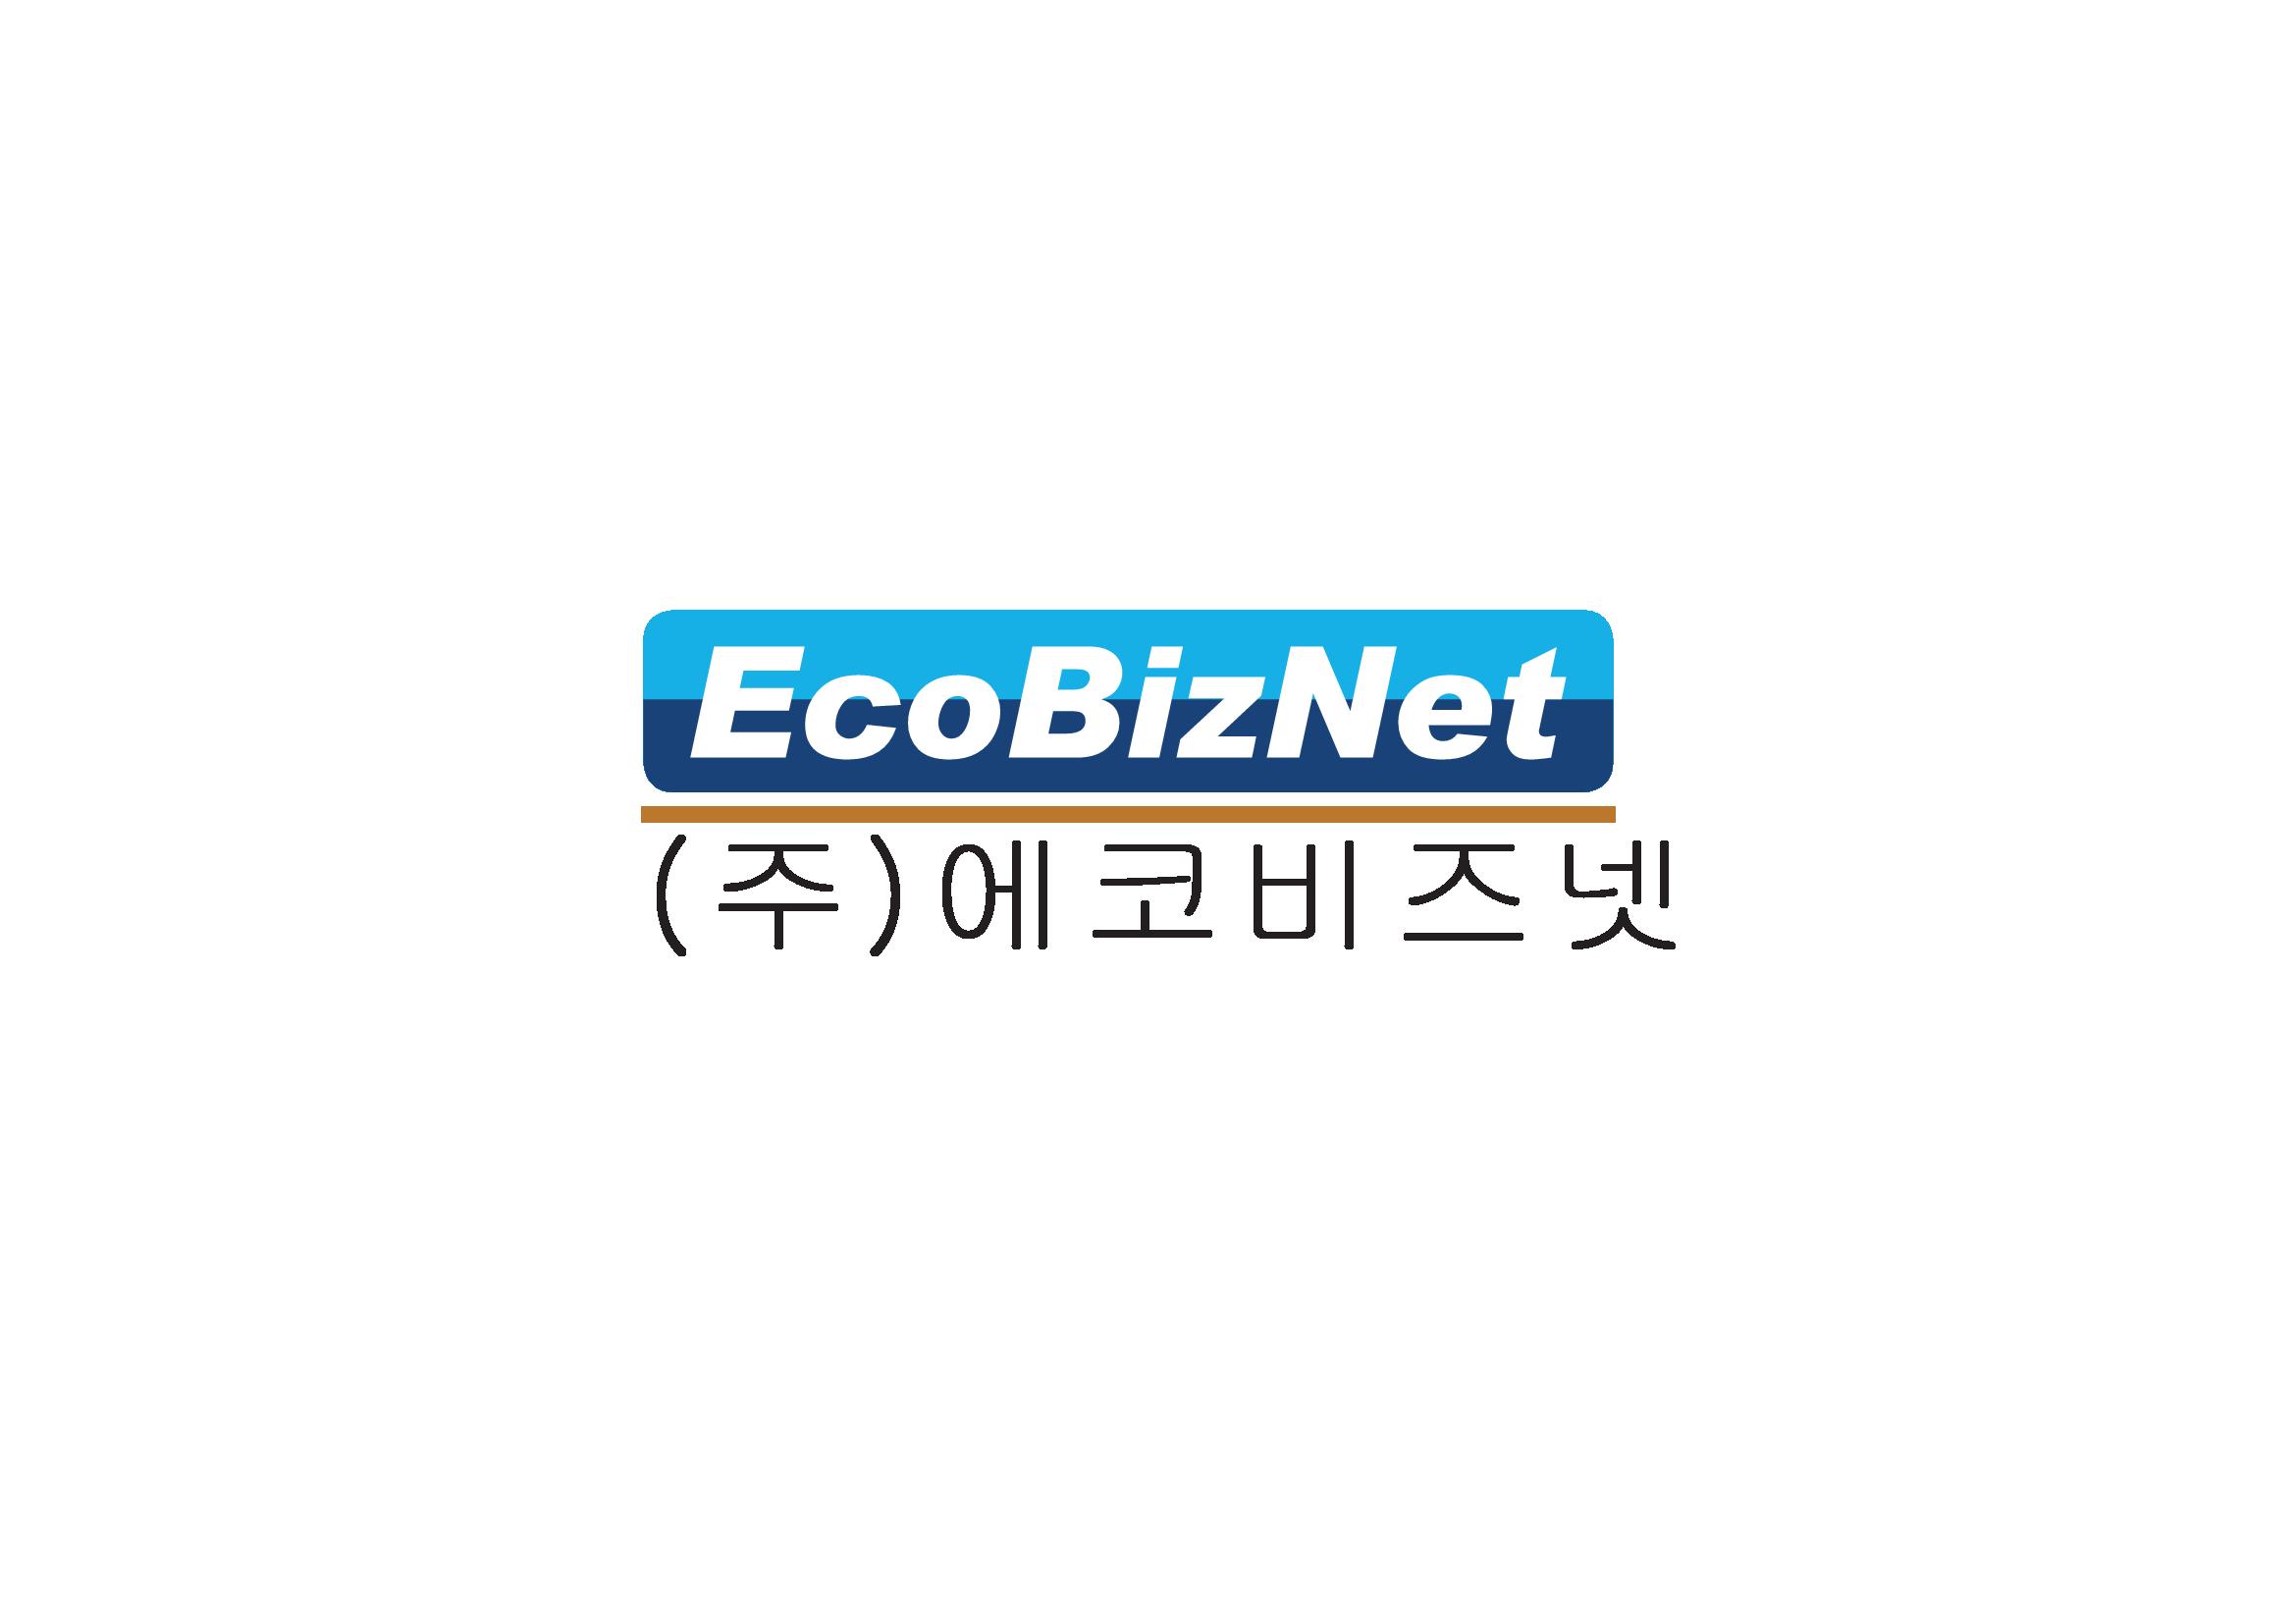 Ecobiznet